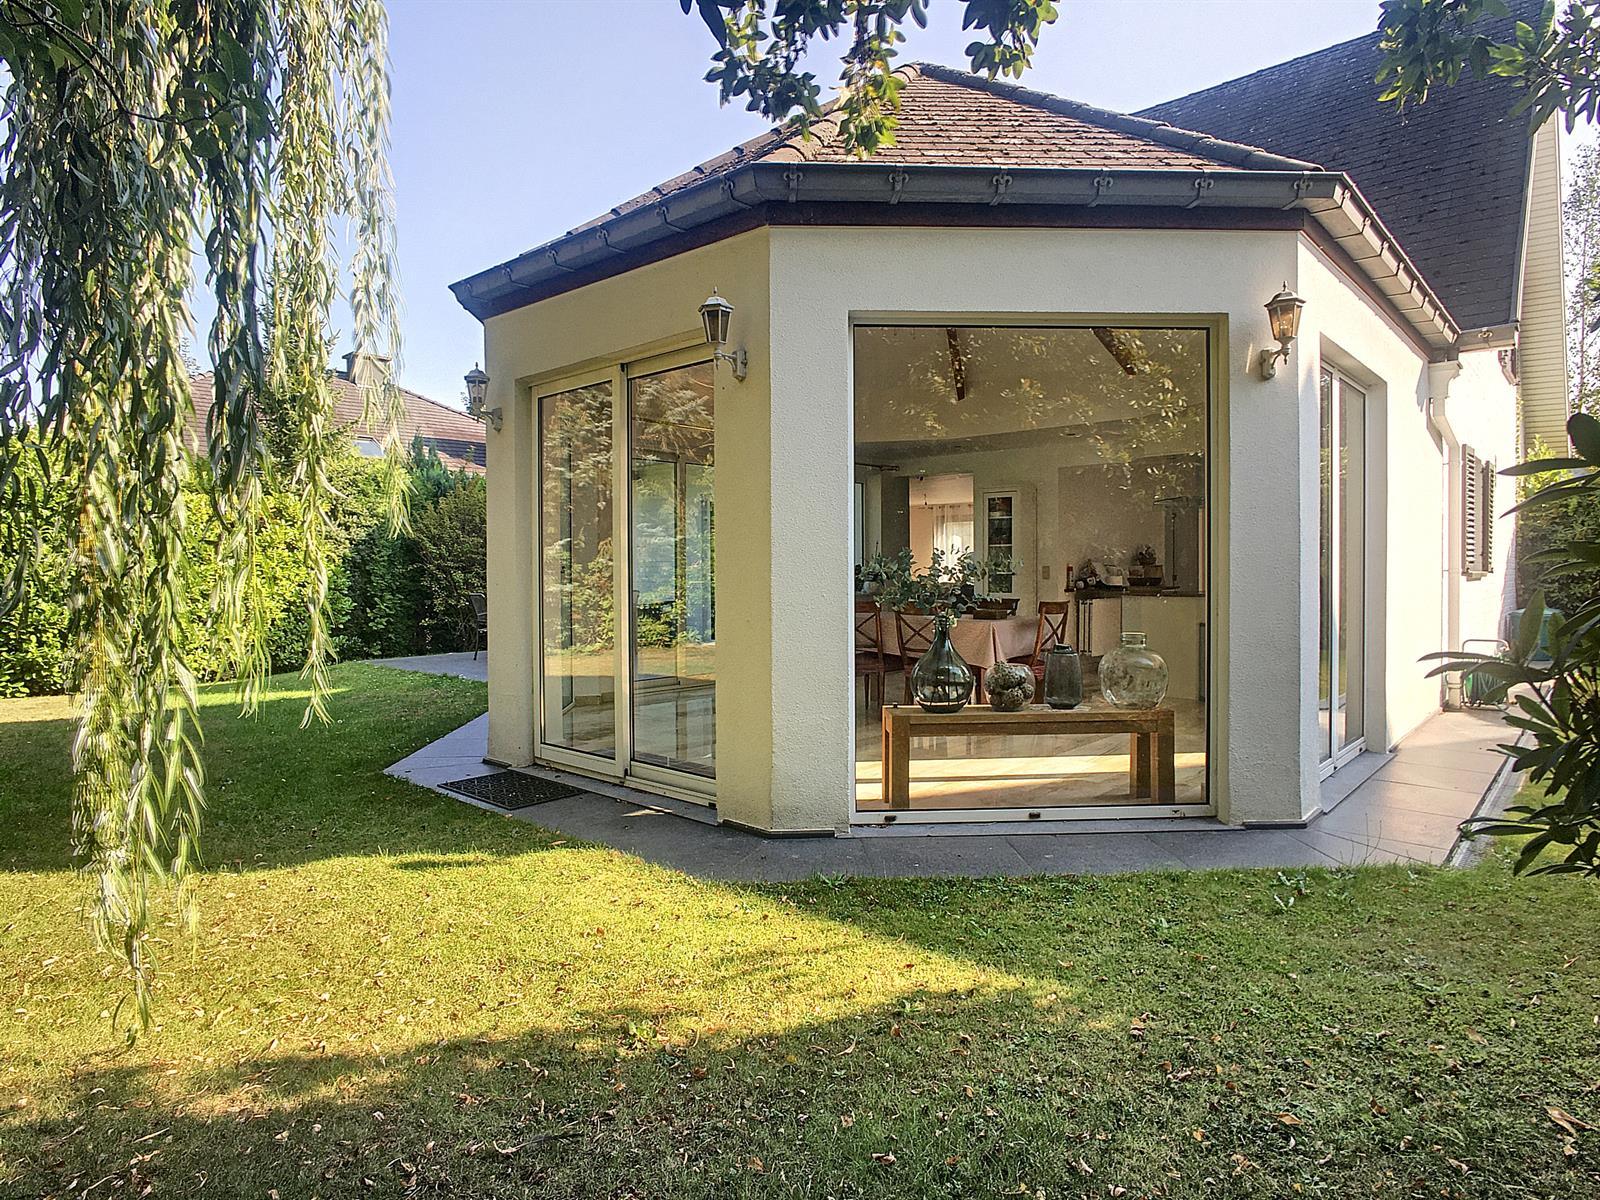 Villa - Tervuren - #4160009-12